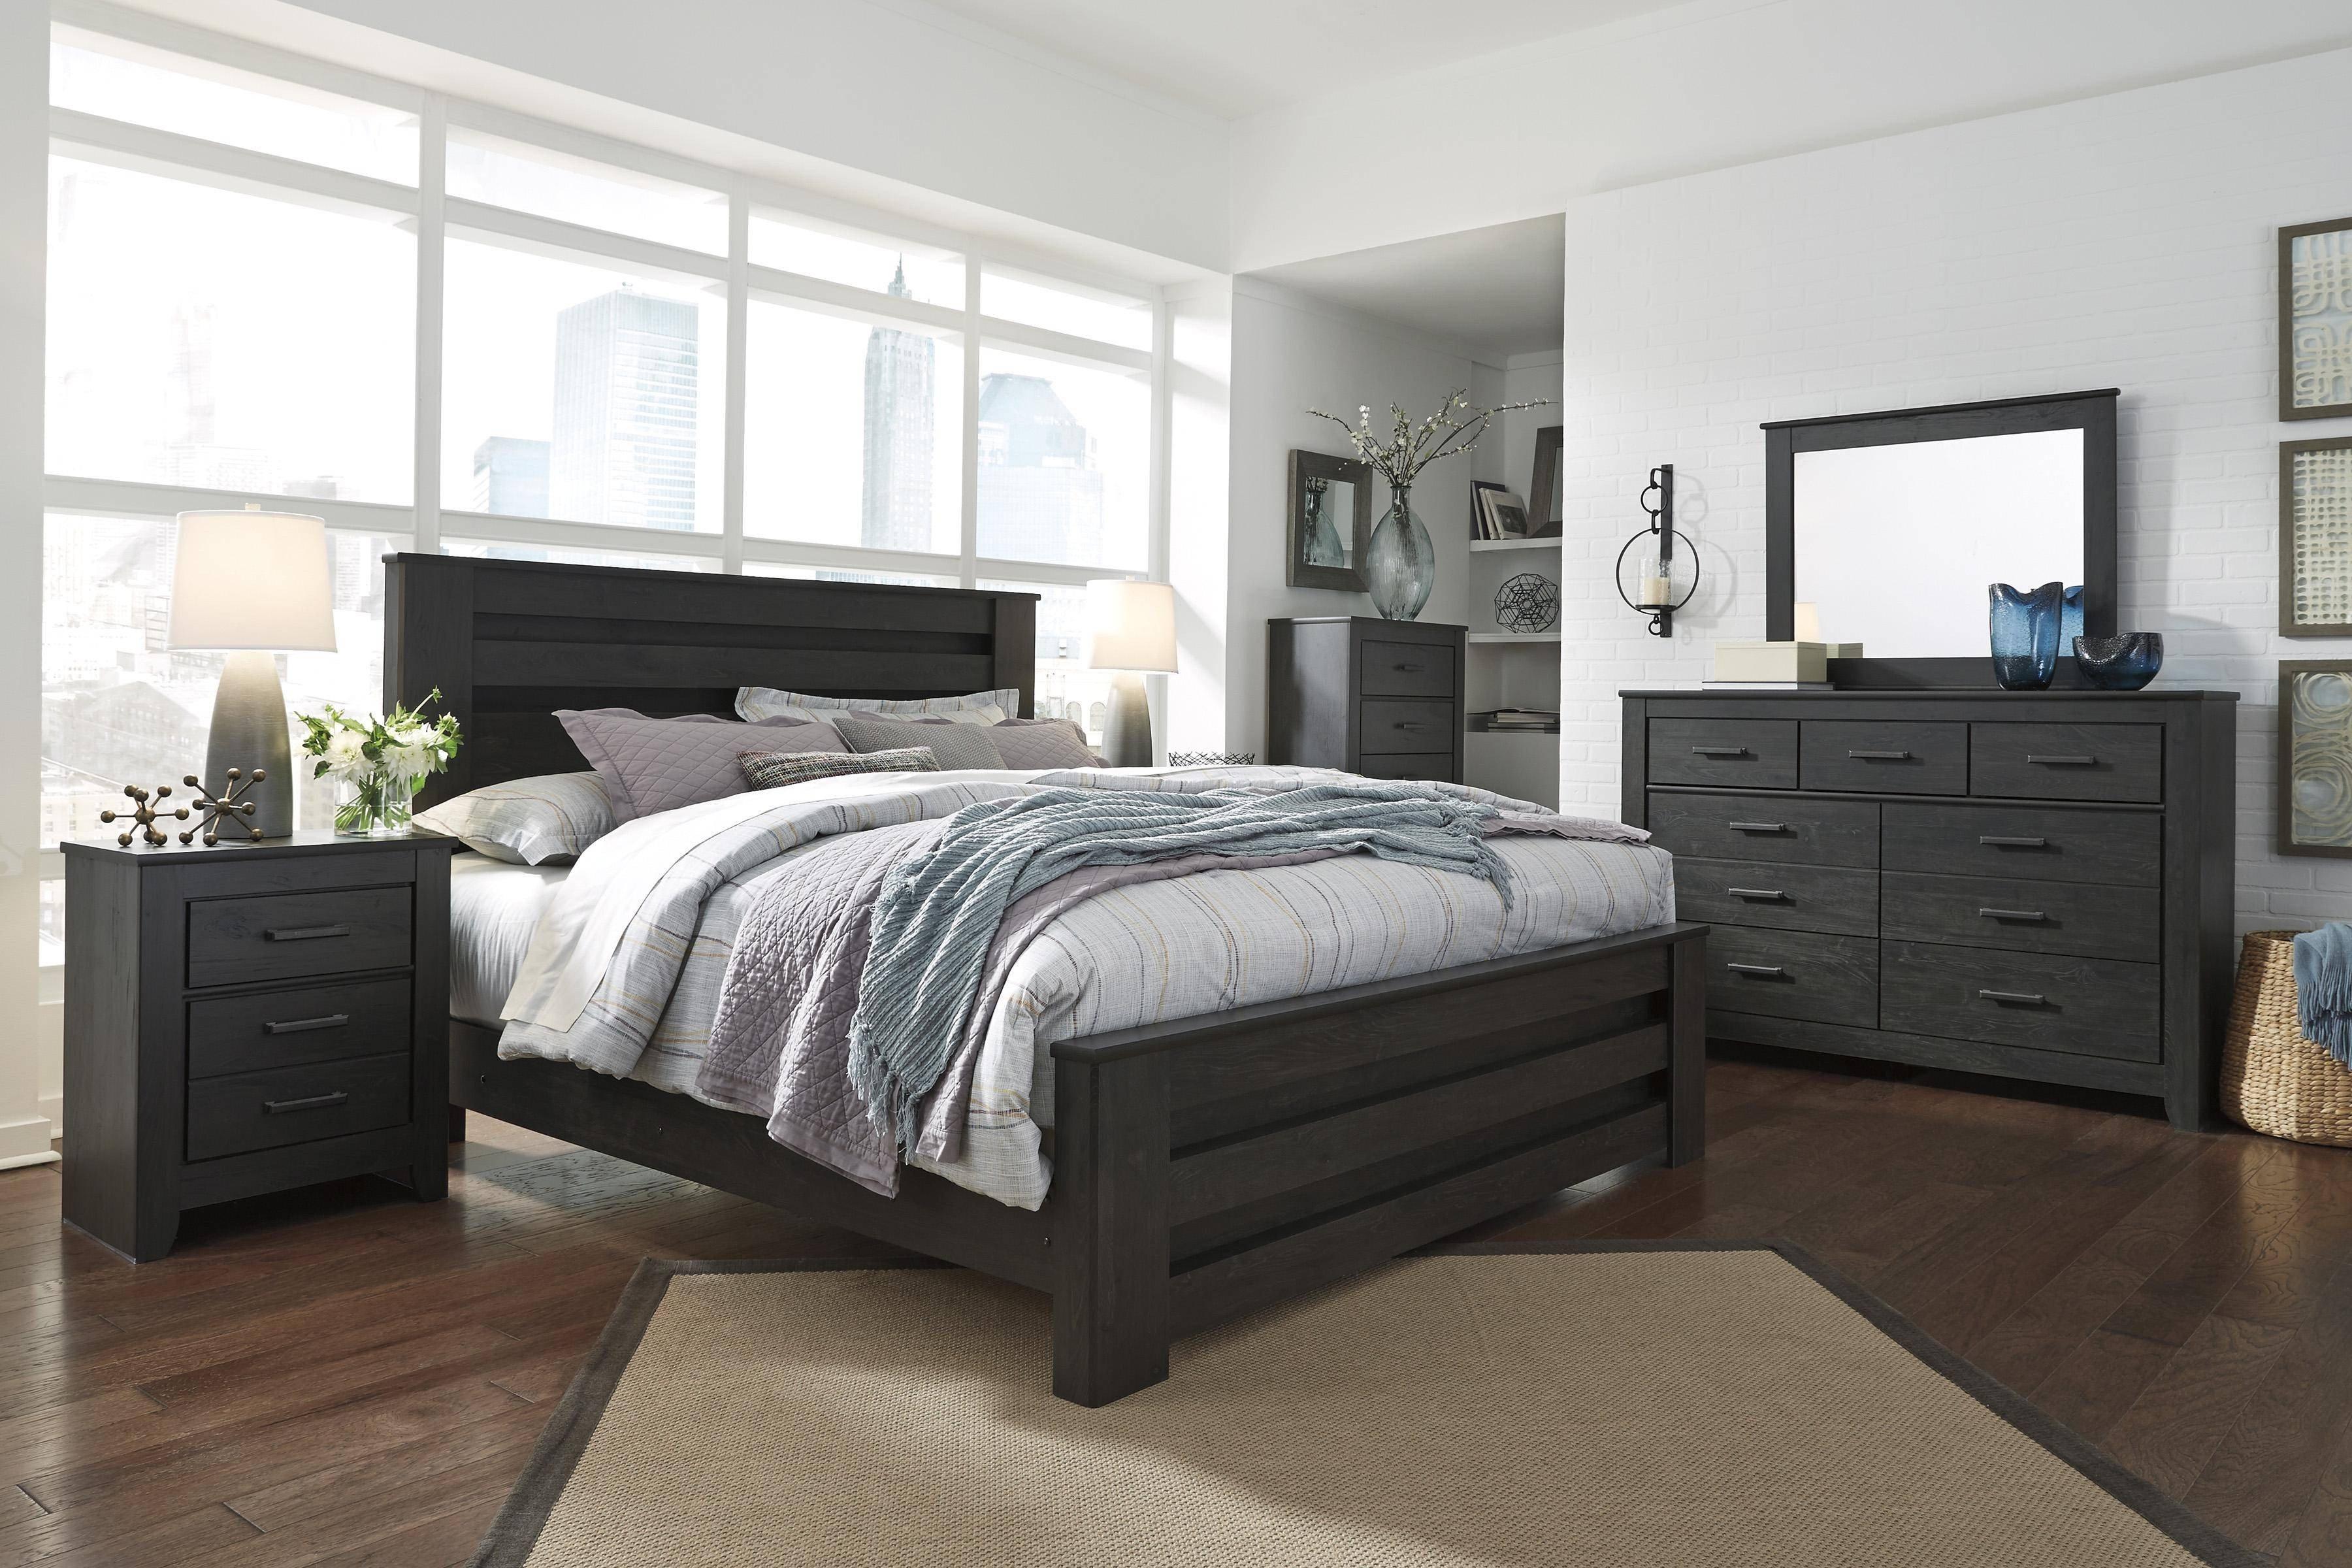 Bedroom Set ashley Furniture Awesome ashley Brinxton B249 King Size Platform Bedroom Set 5pcs In